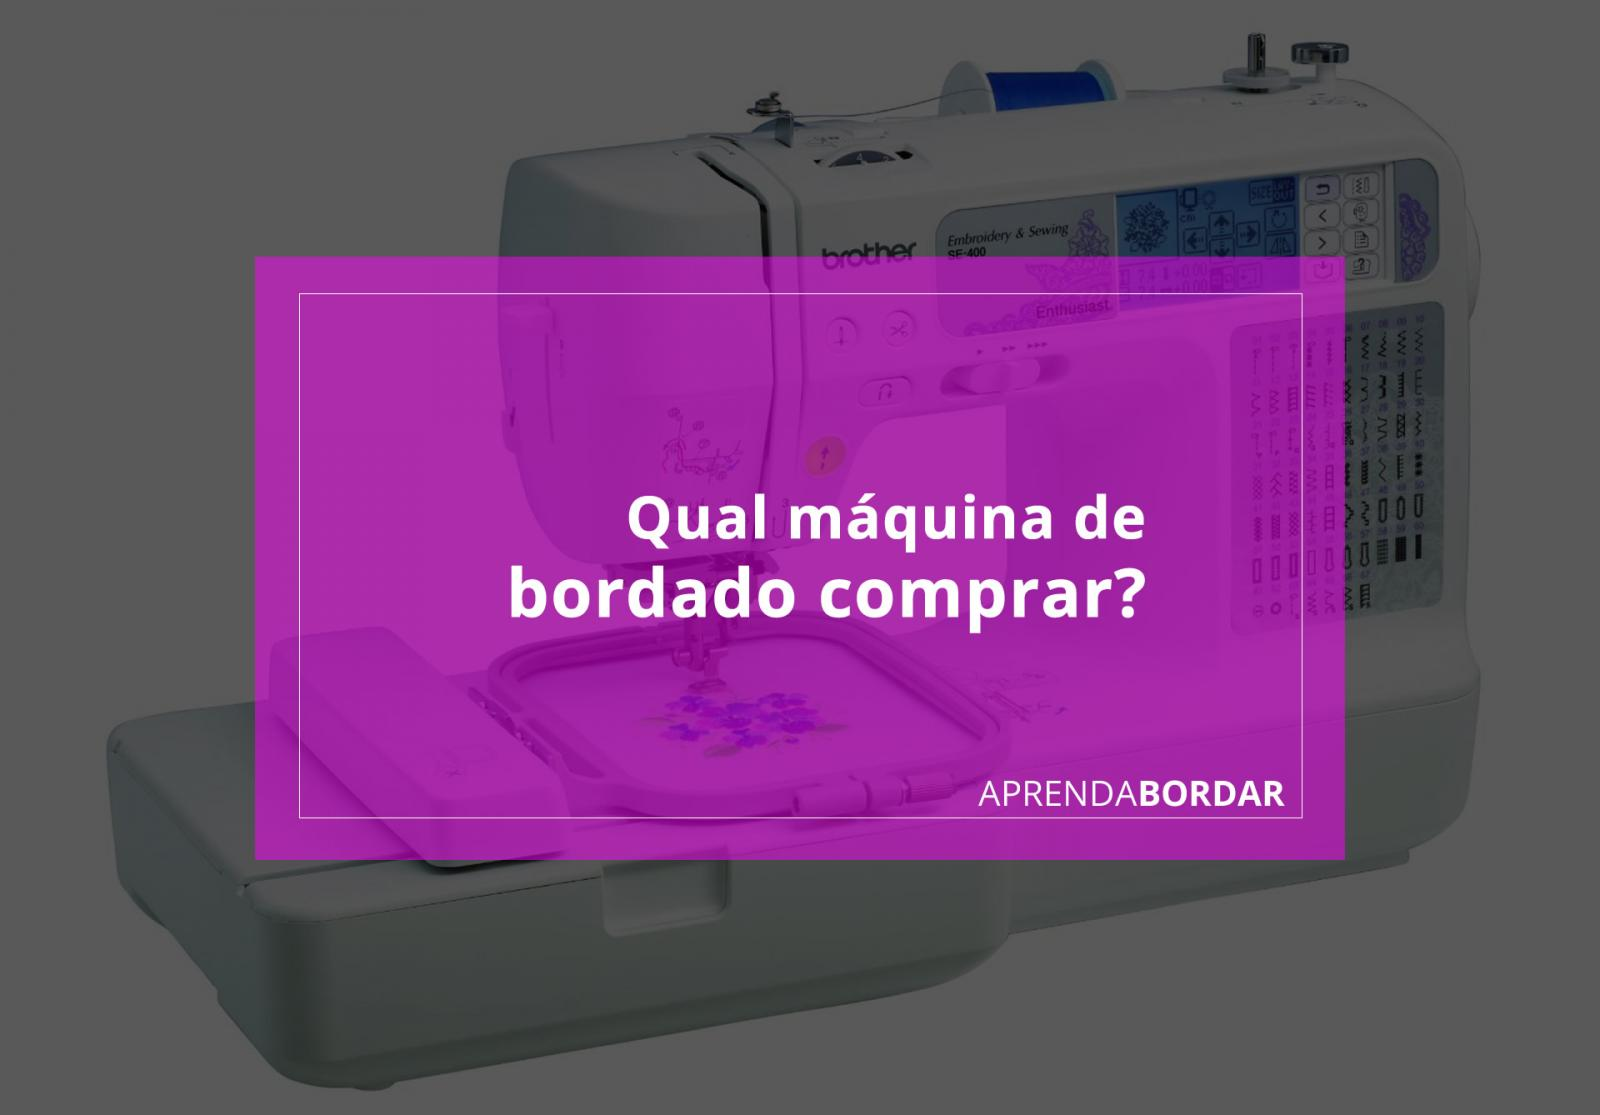 Qual máquina de bordado devo comprar?